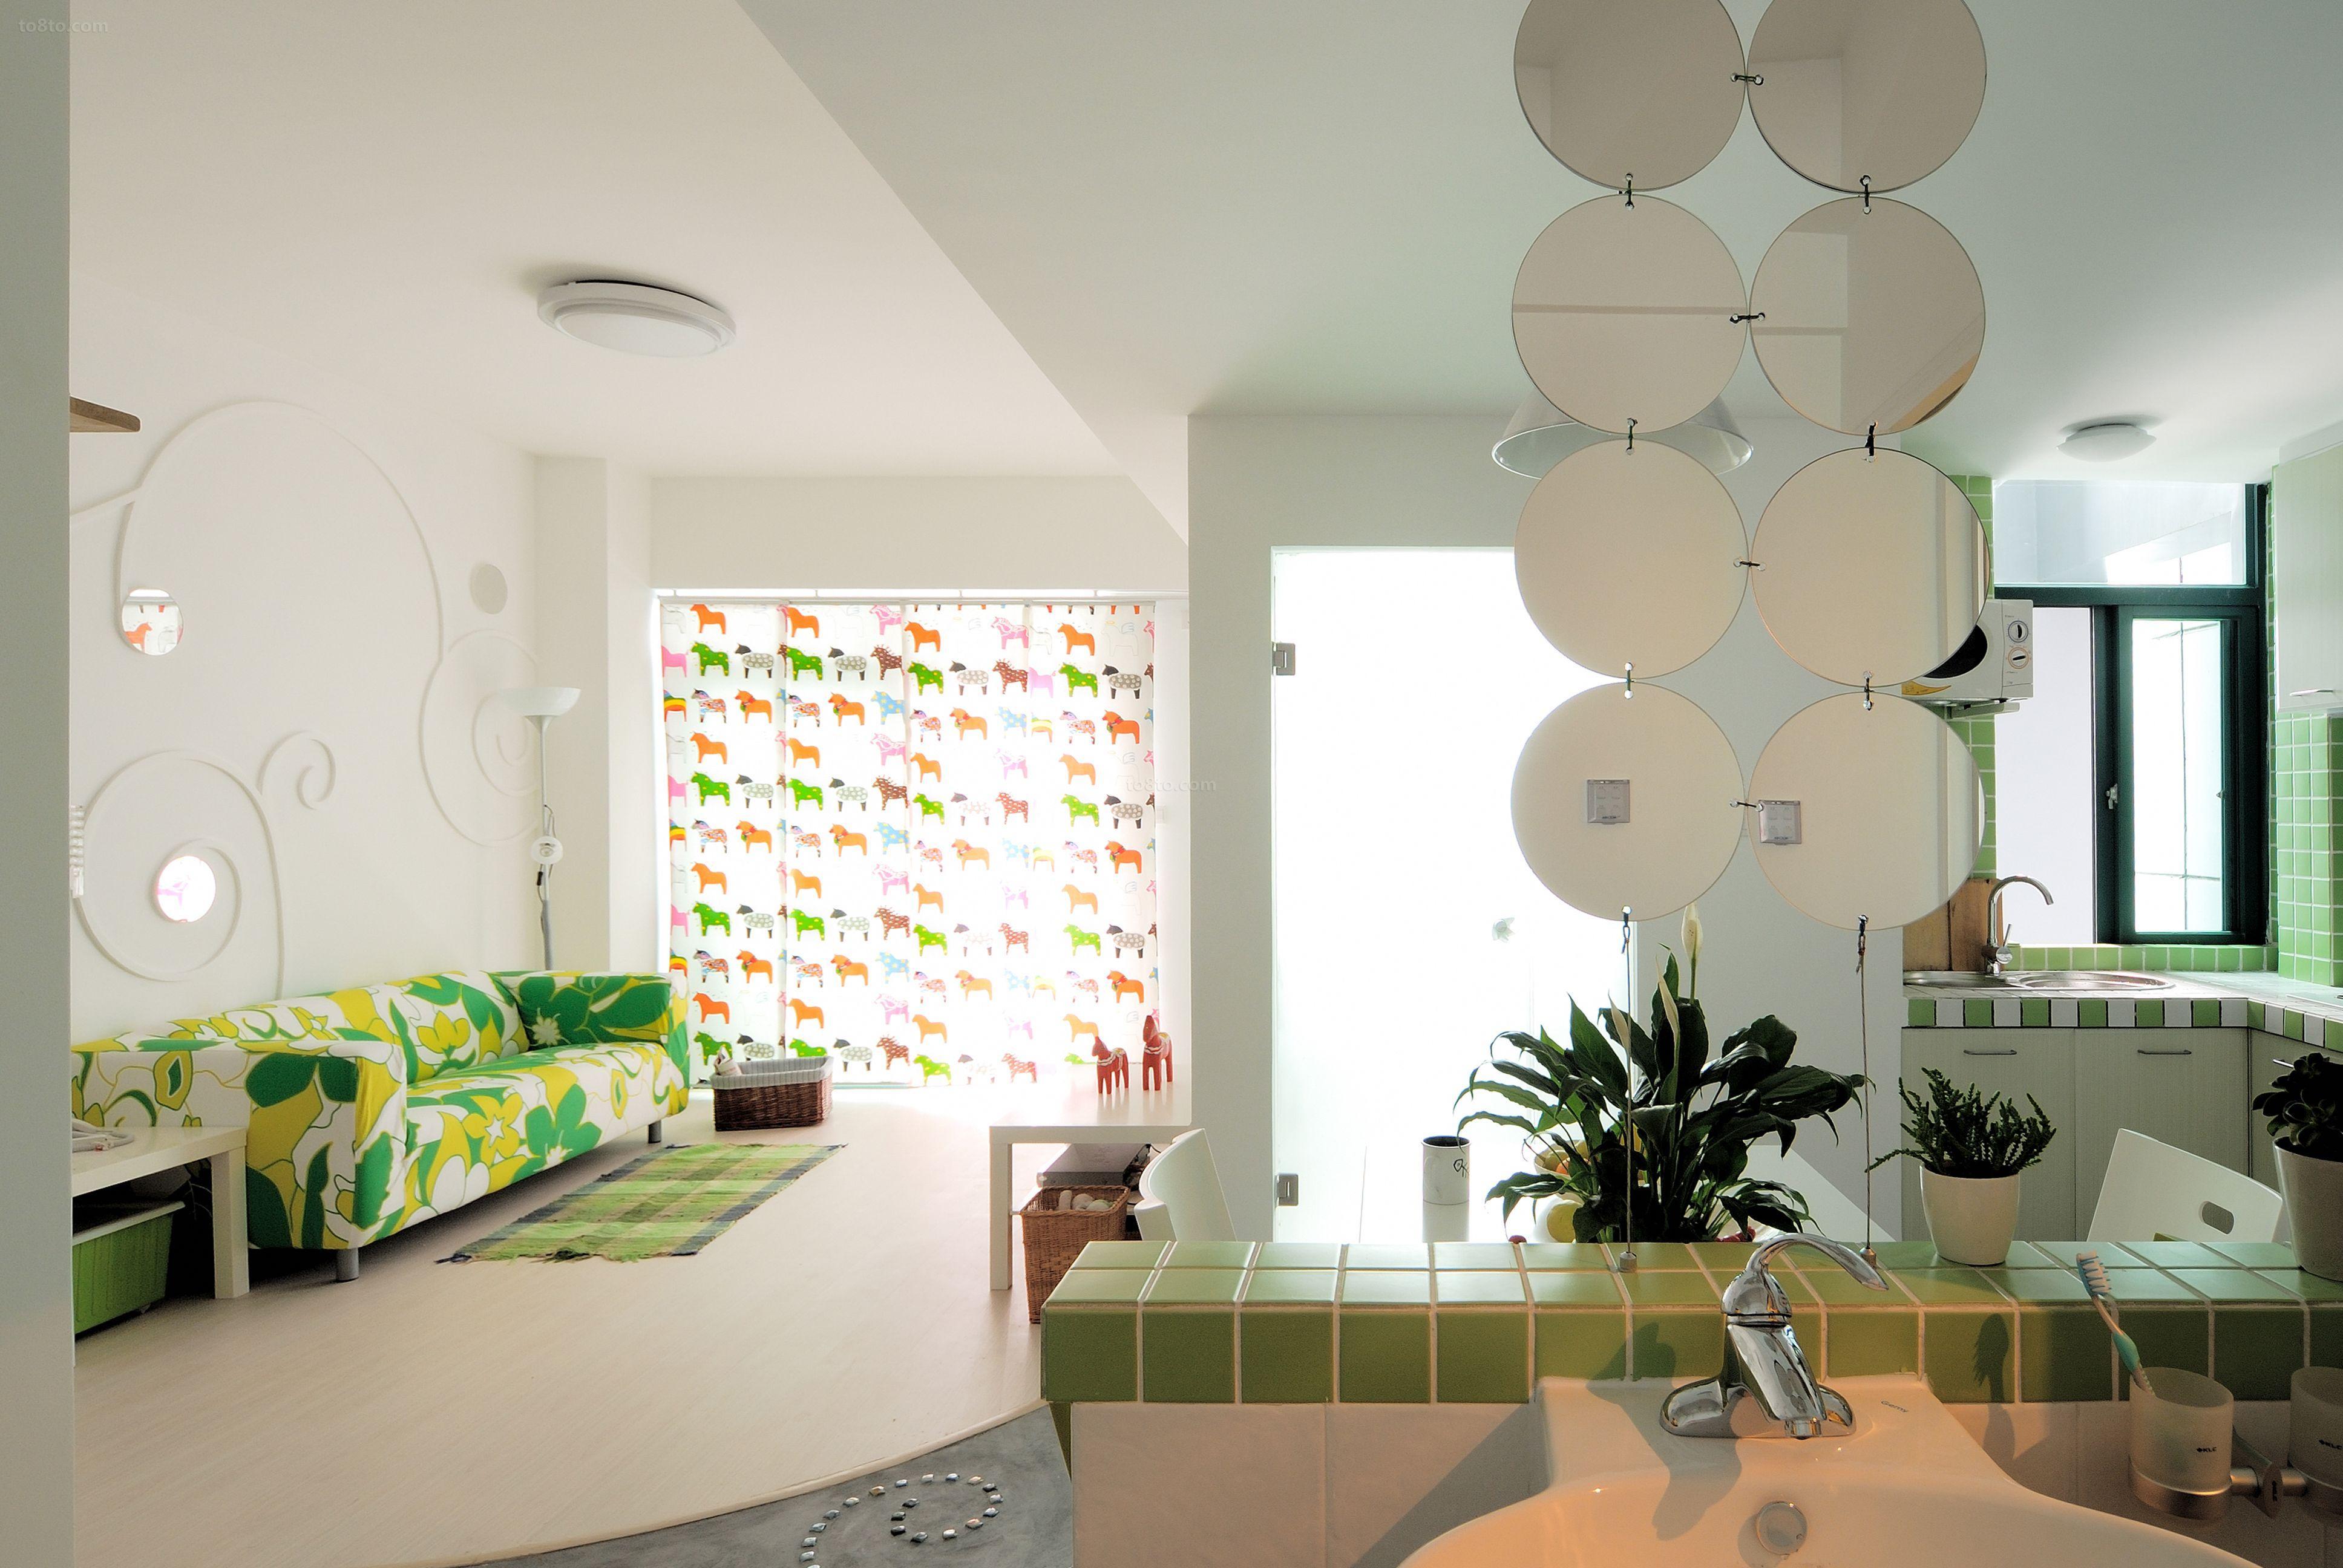 田园风格室内沙发背景墙效果图欣赏